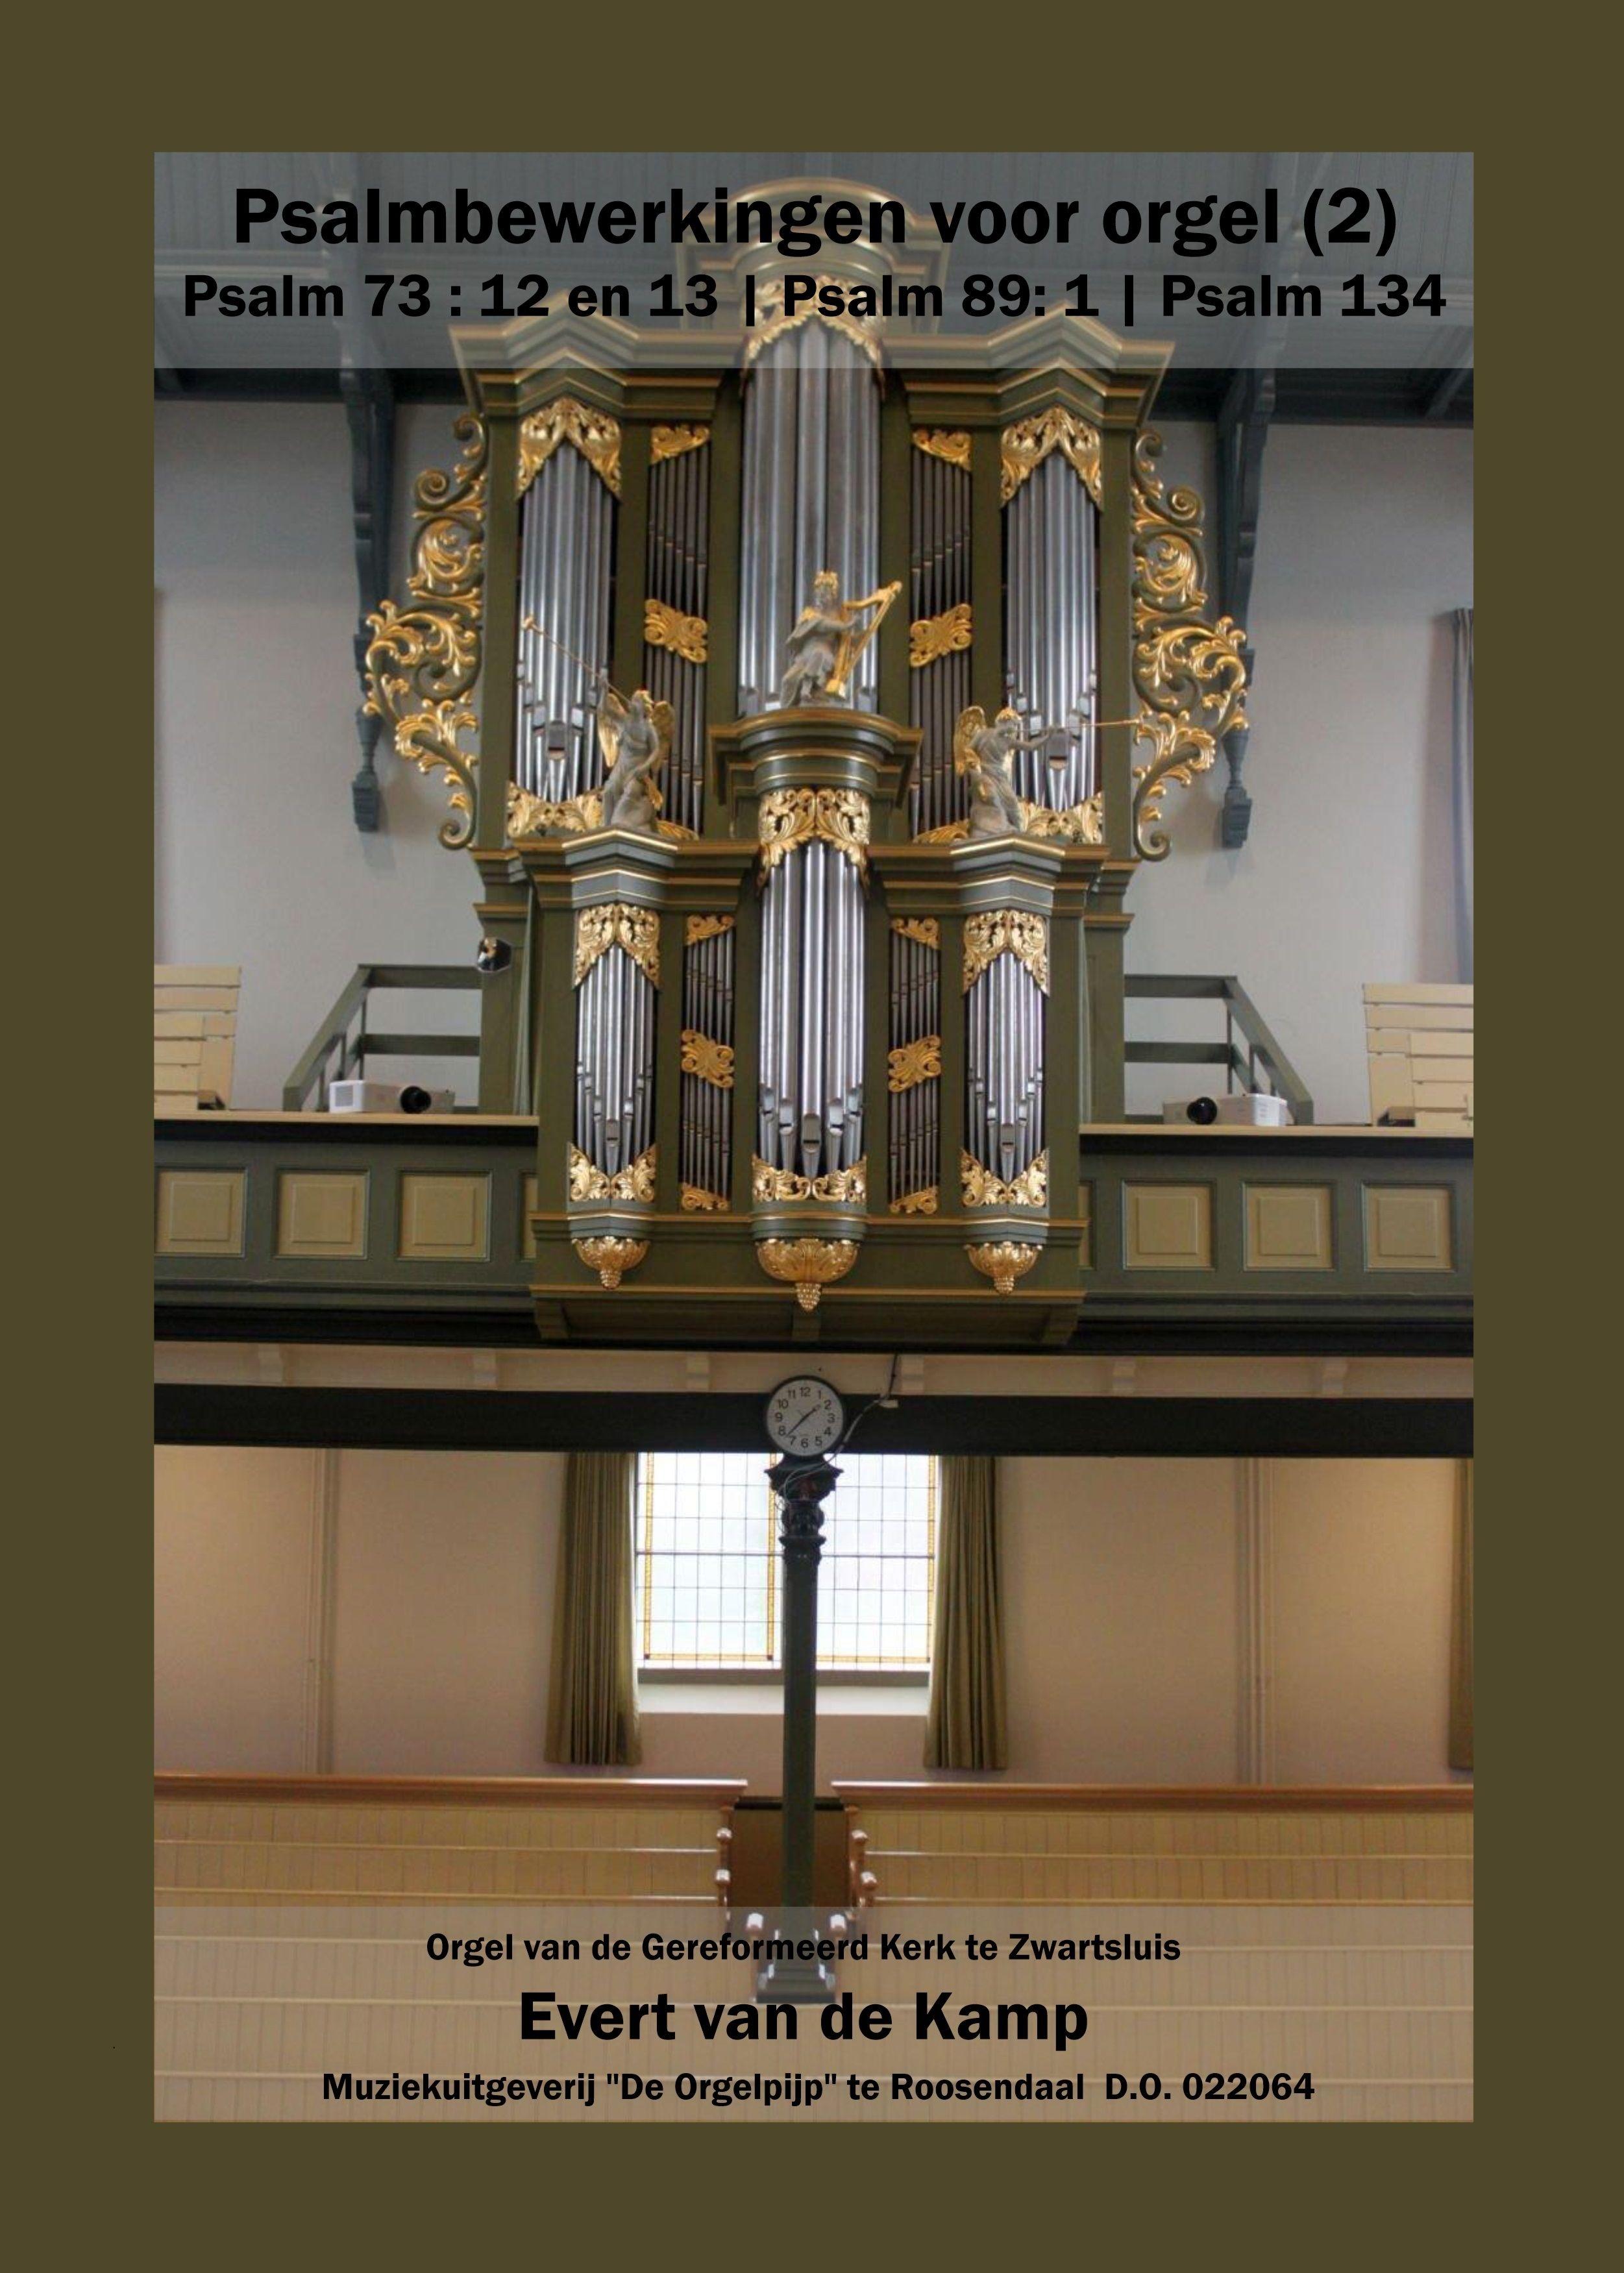 Evert van de Kamp: Psalmbewerkingen Voor Orgel - 2: Organ: Instrumental Album